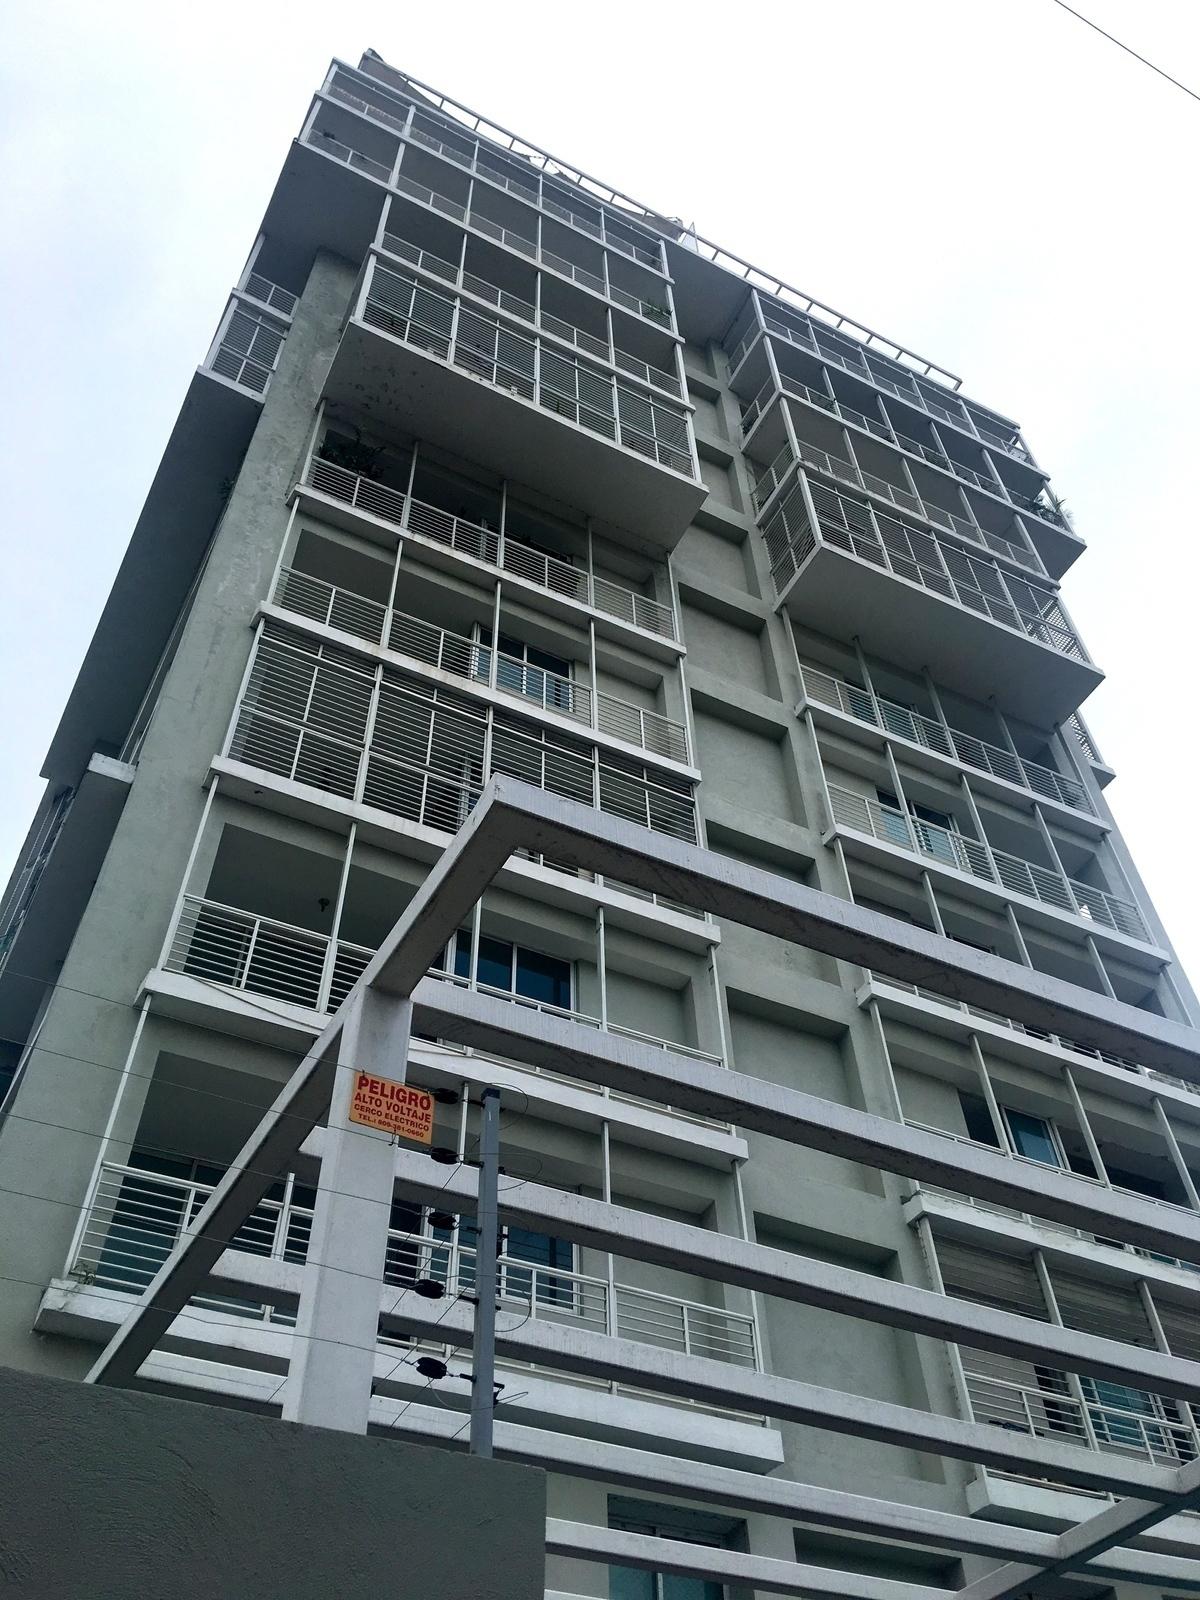 2 de 23: Fachada del Edificio